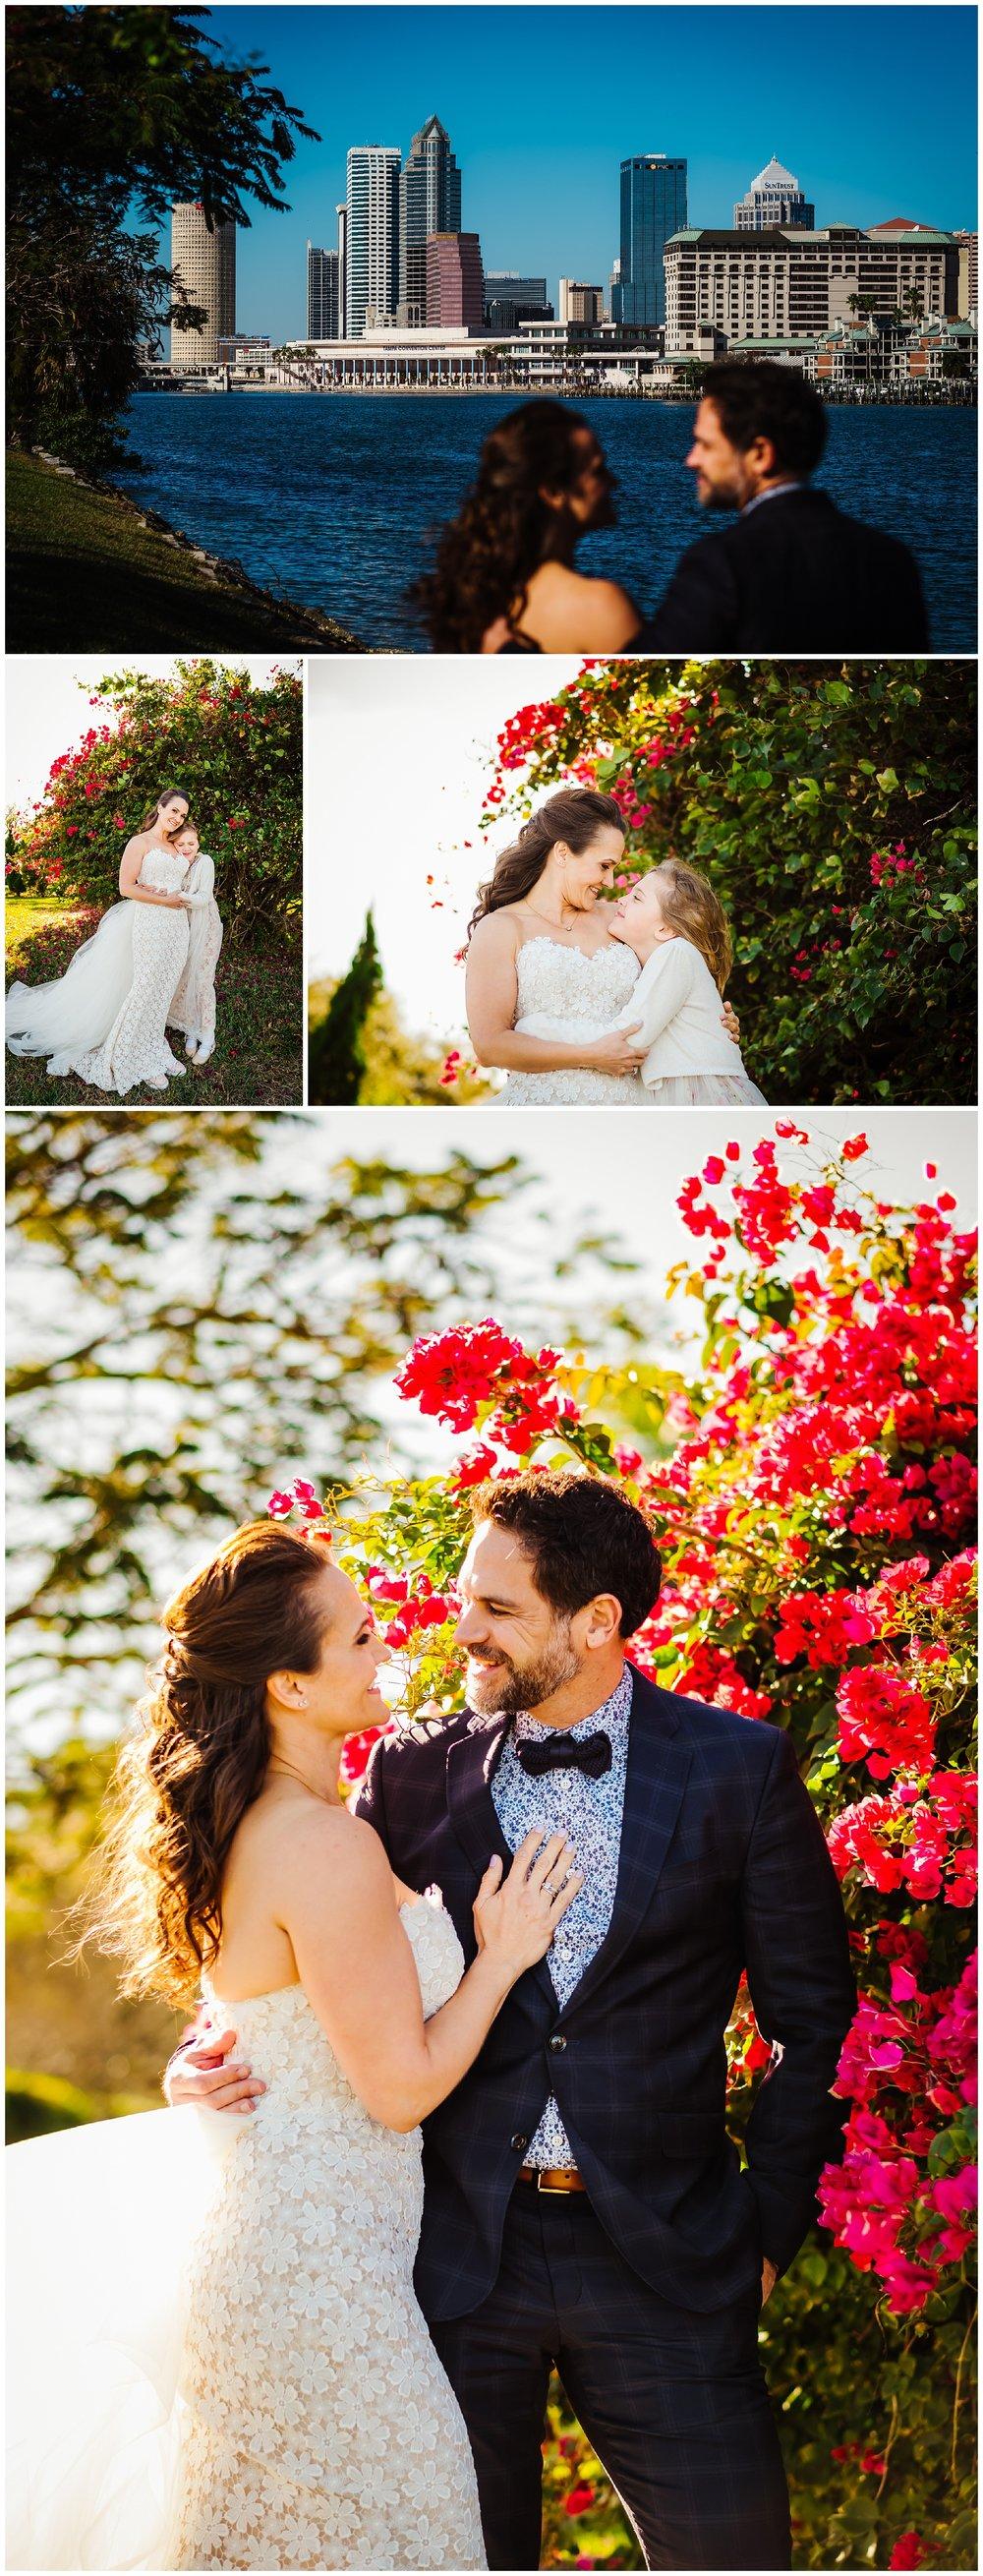 tampa-wedding-photographer-davis-island-flamingo-garden-alexander-mcqueen-non-traditional_0021.jpg